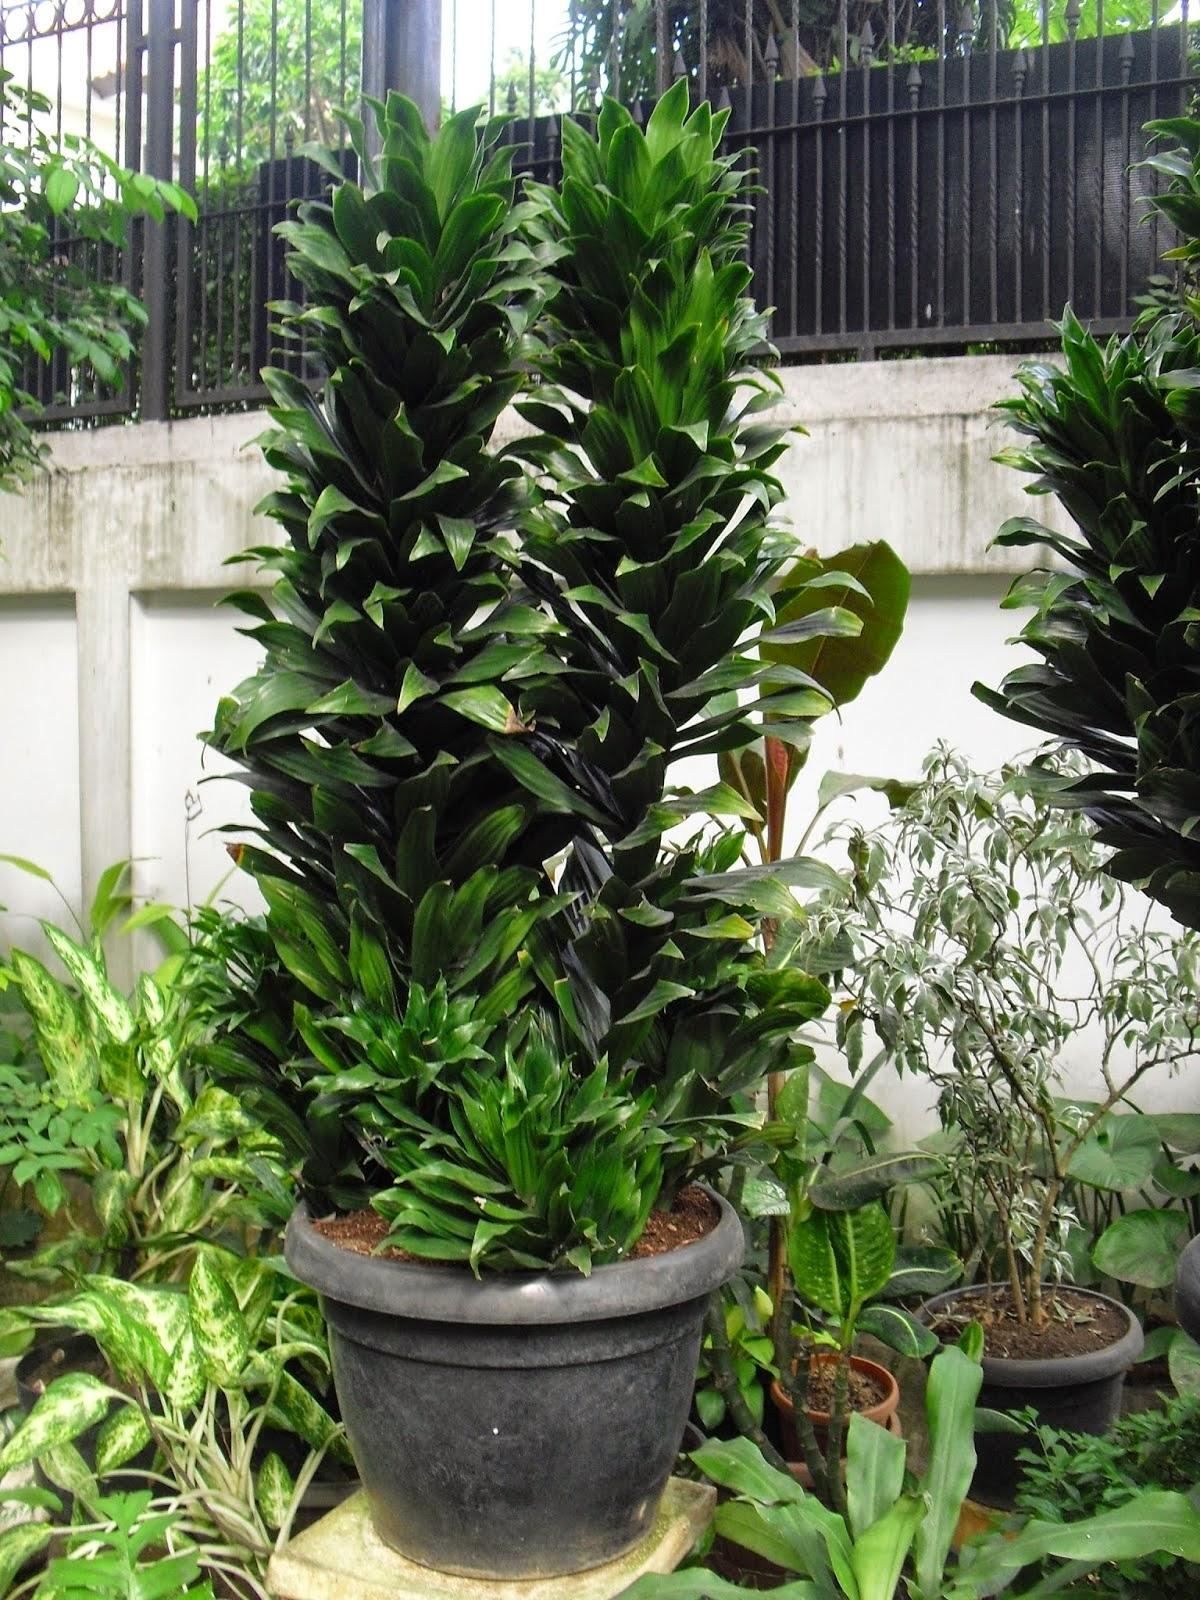 Jual pohon anjuang (kemoceng) | suplier tanaman | tanaman hias | jasa desain taman